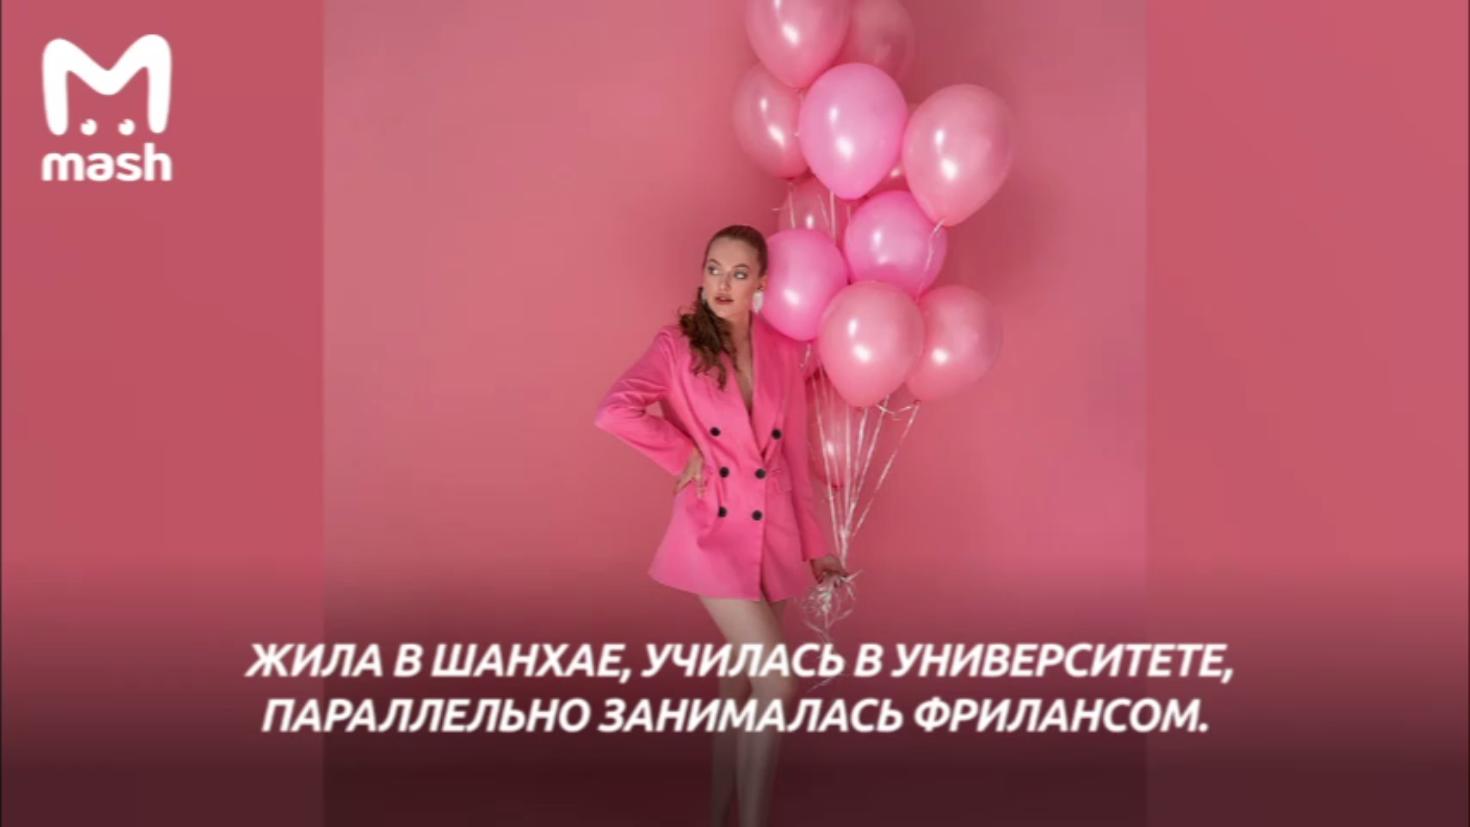 فيديو من روسيا.. عارضة أزياء حسناء تعمل سائقة تاكسي